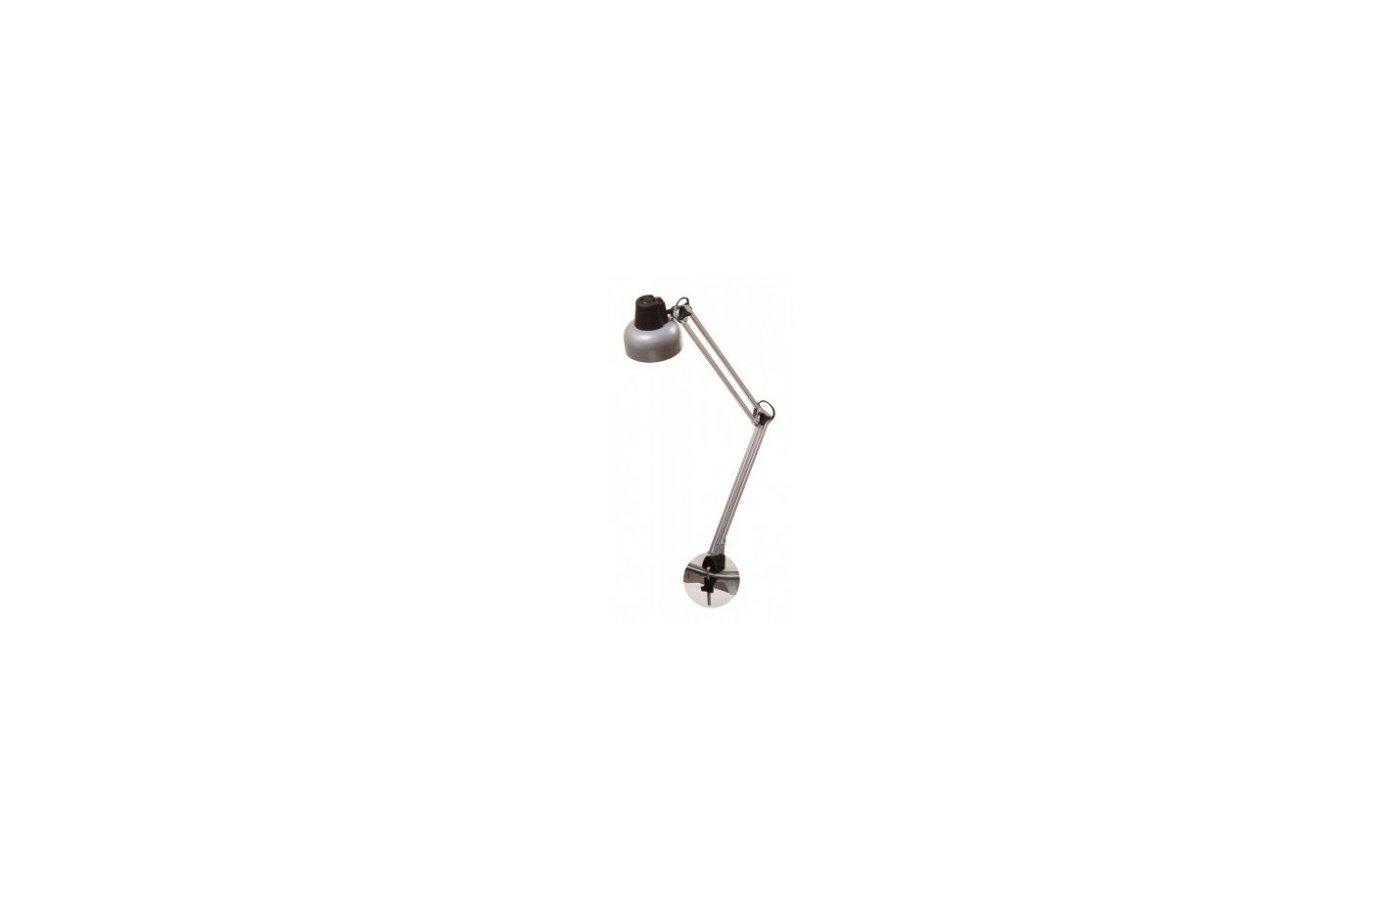 Светильник настольный Трансвит Beta/Gr на струбцине лампа накаливания E27 серый 60Вт